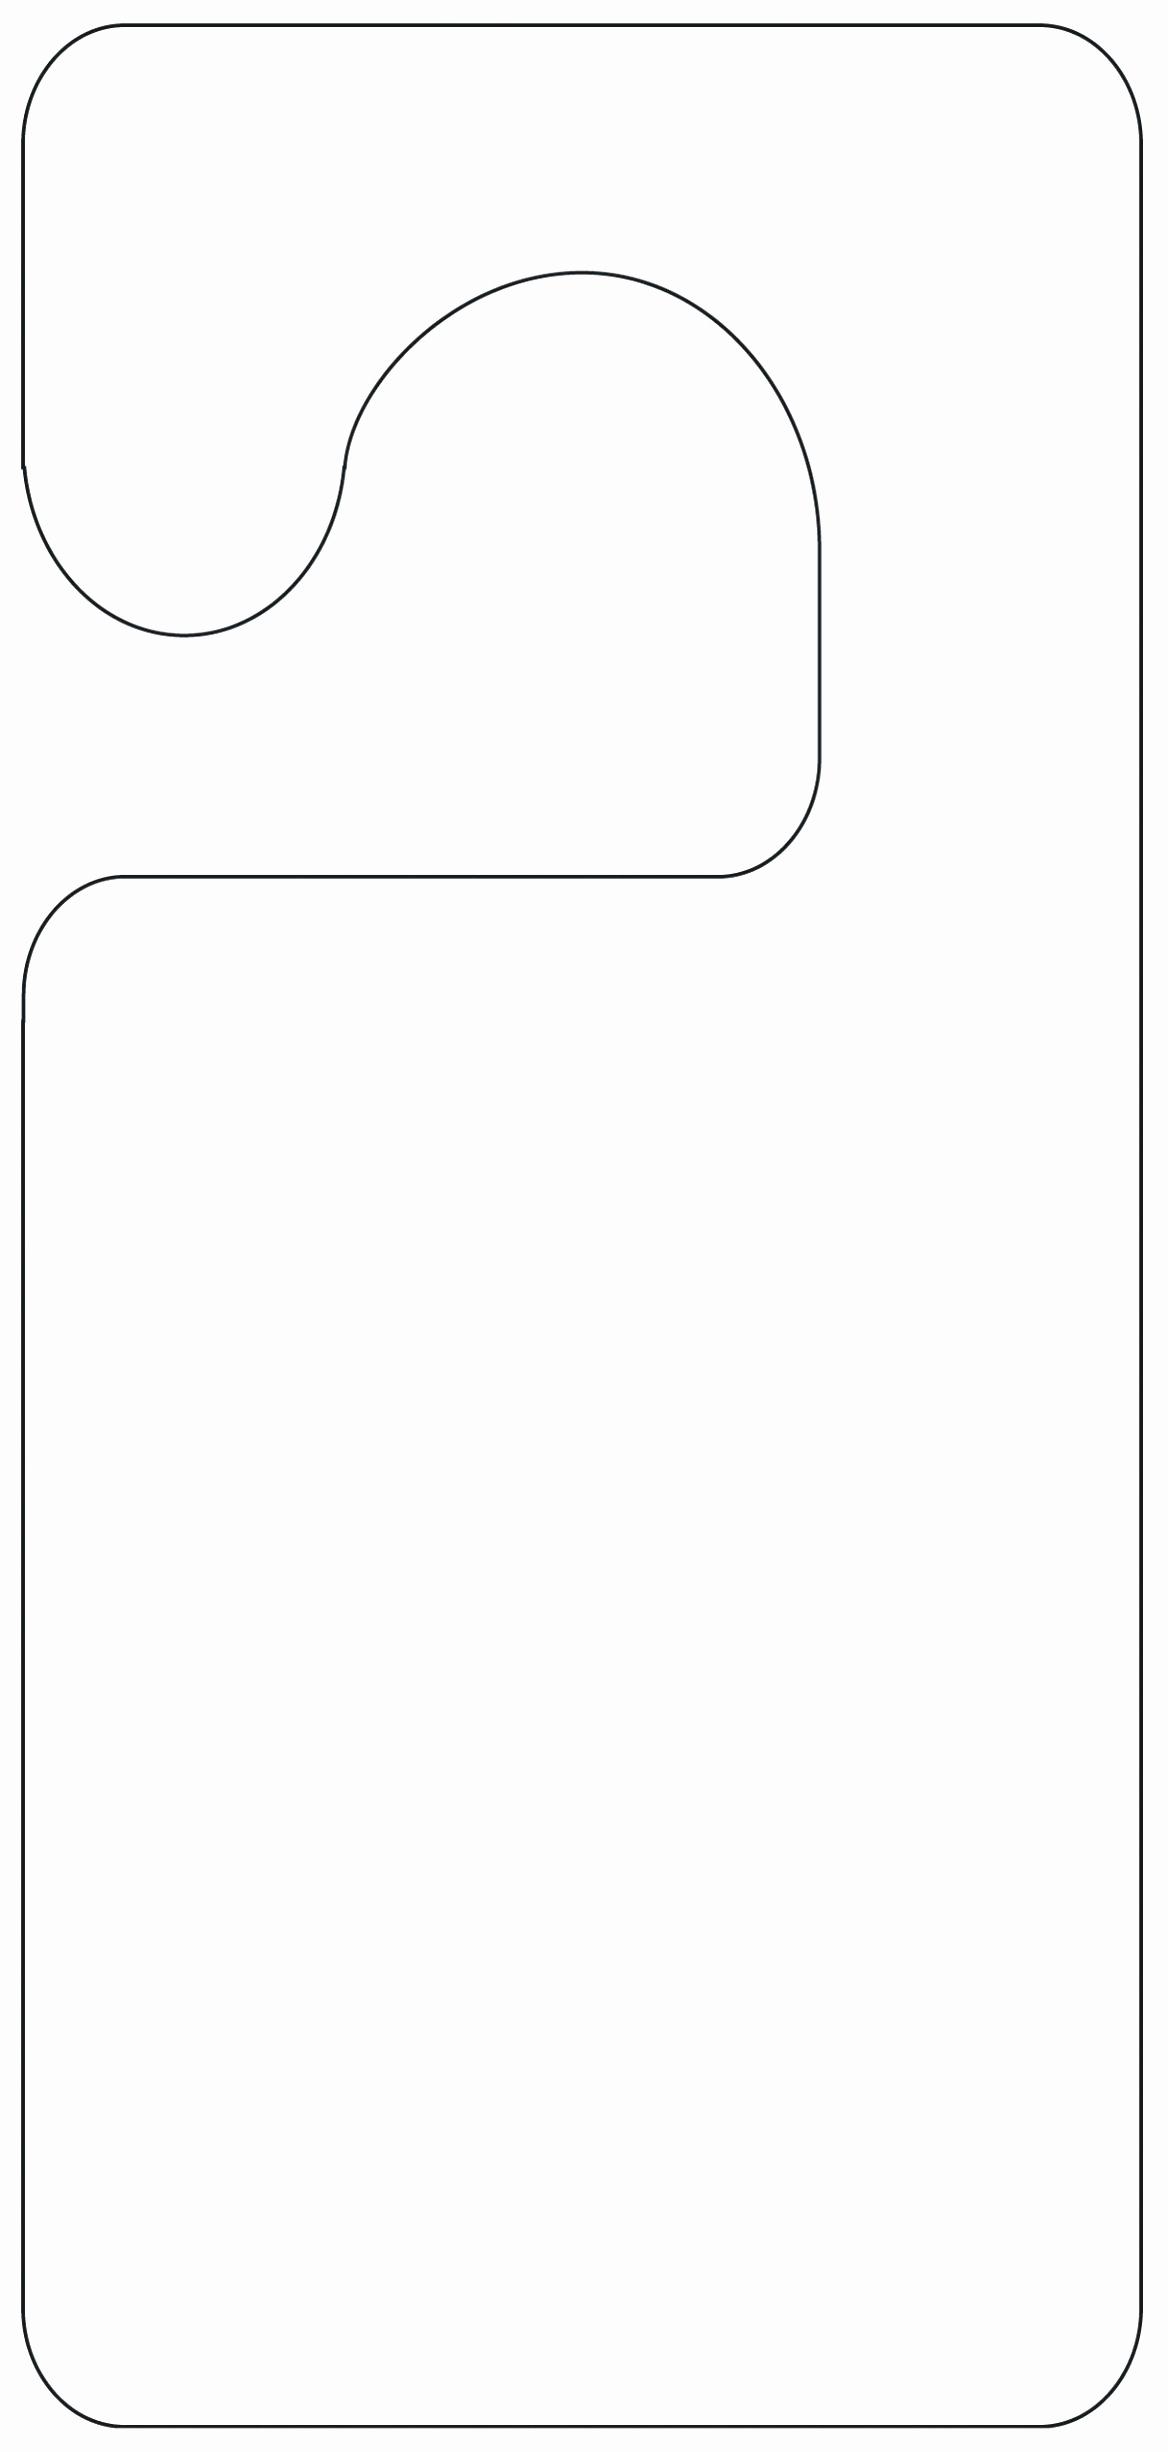 Door Hanger Template for Word Unique 5 Blank Door Hanger Template for Word Uawrc